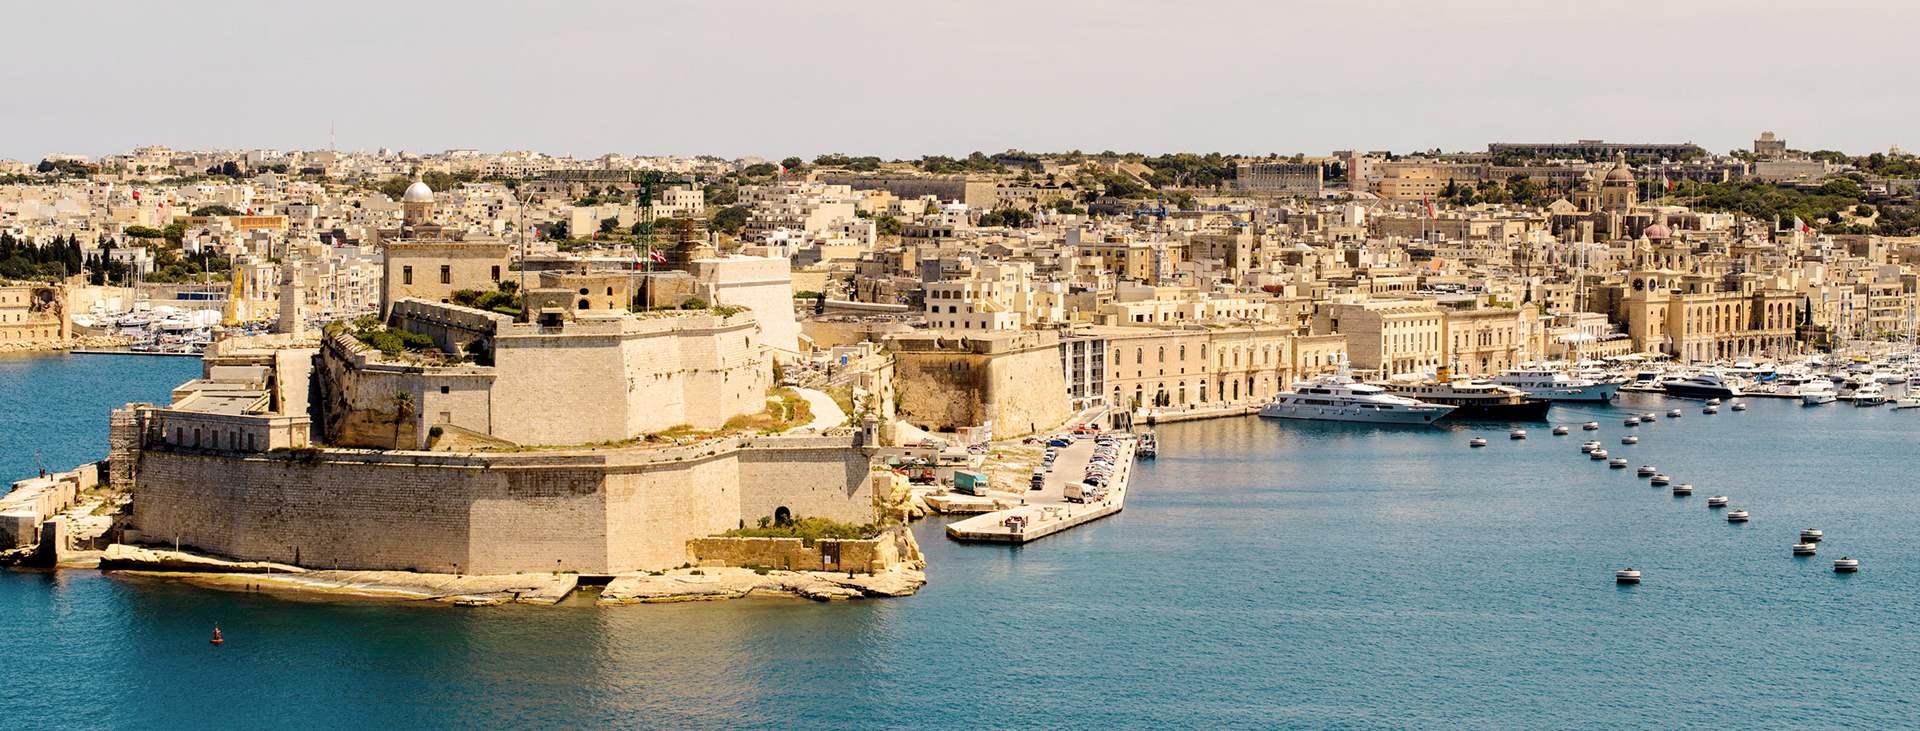 Bestill en reise med fly og hotell til Malta